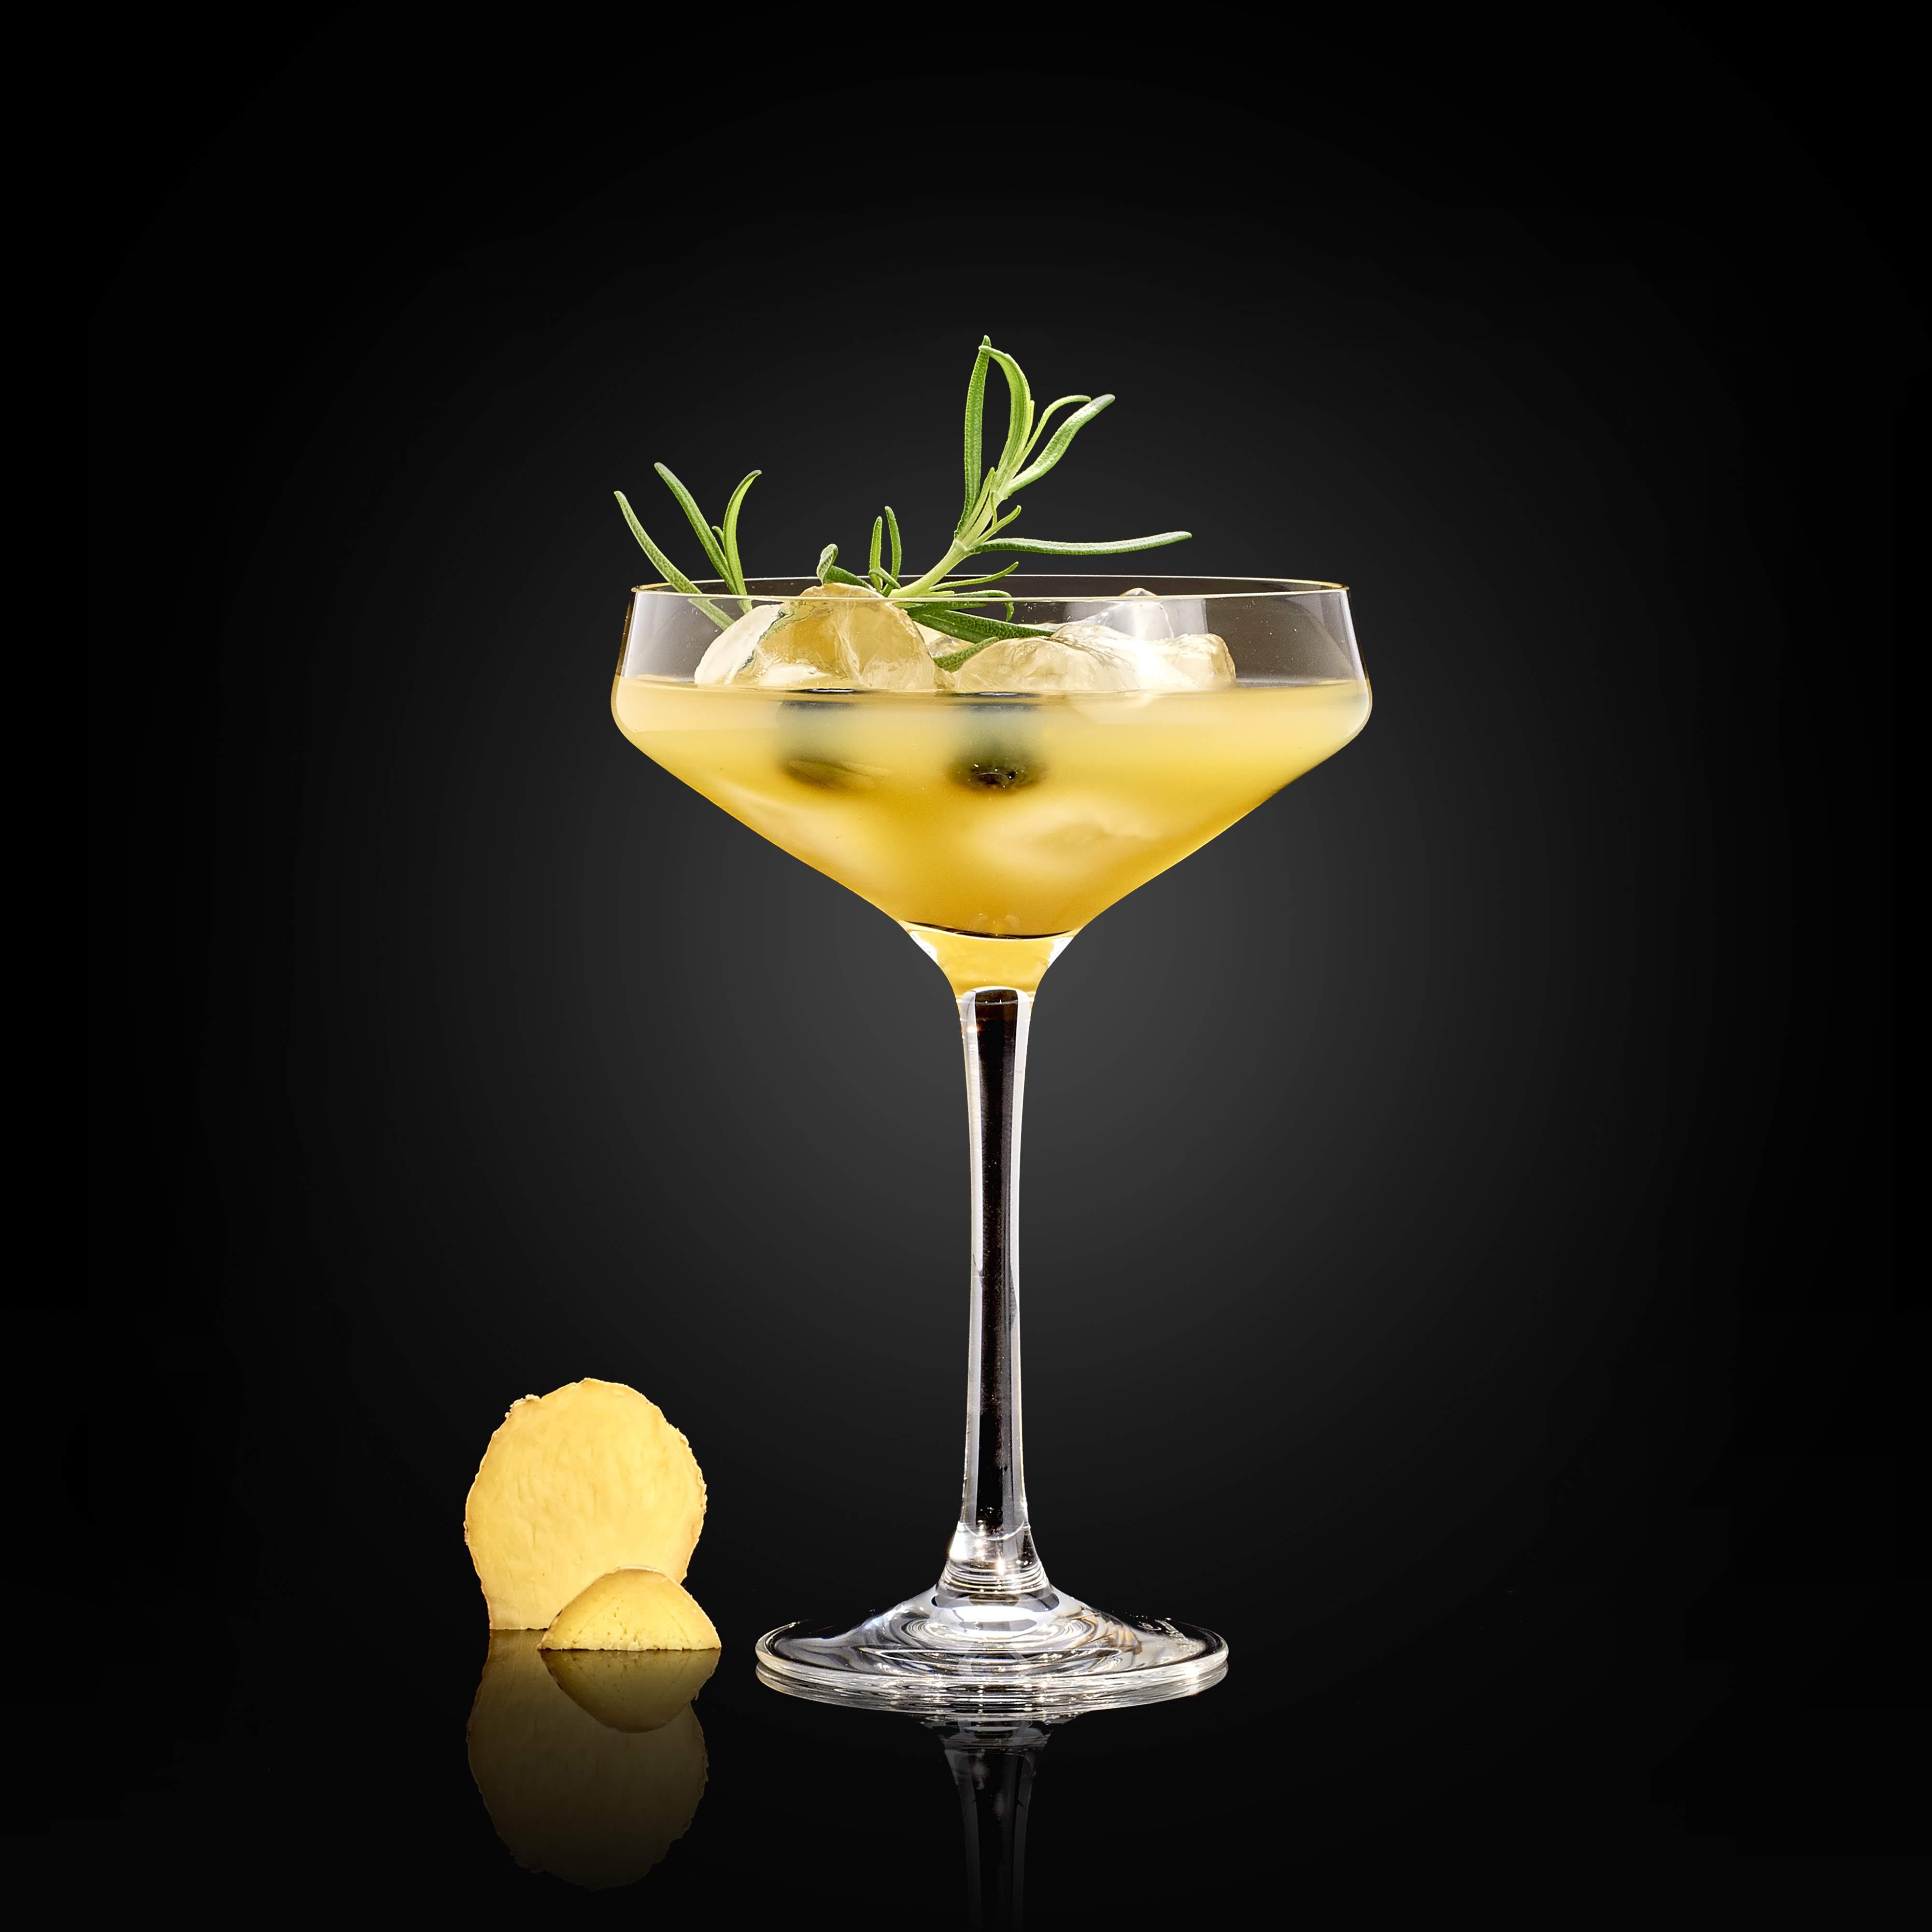 photographie-culinaire-cocktail-alcool-tournai-lille-paris-bruxelles-1